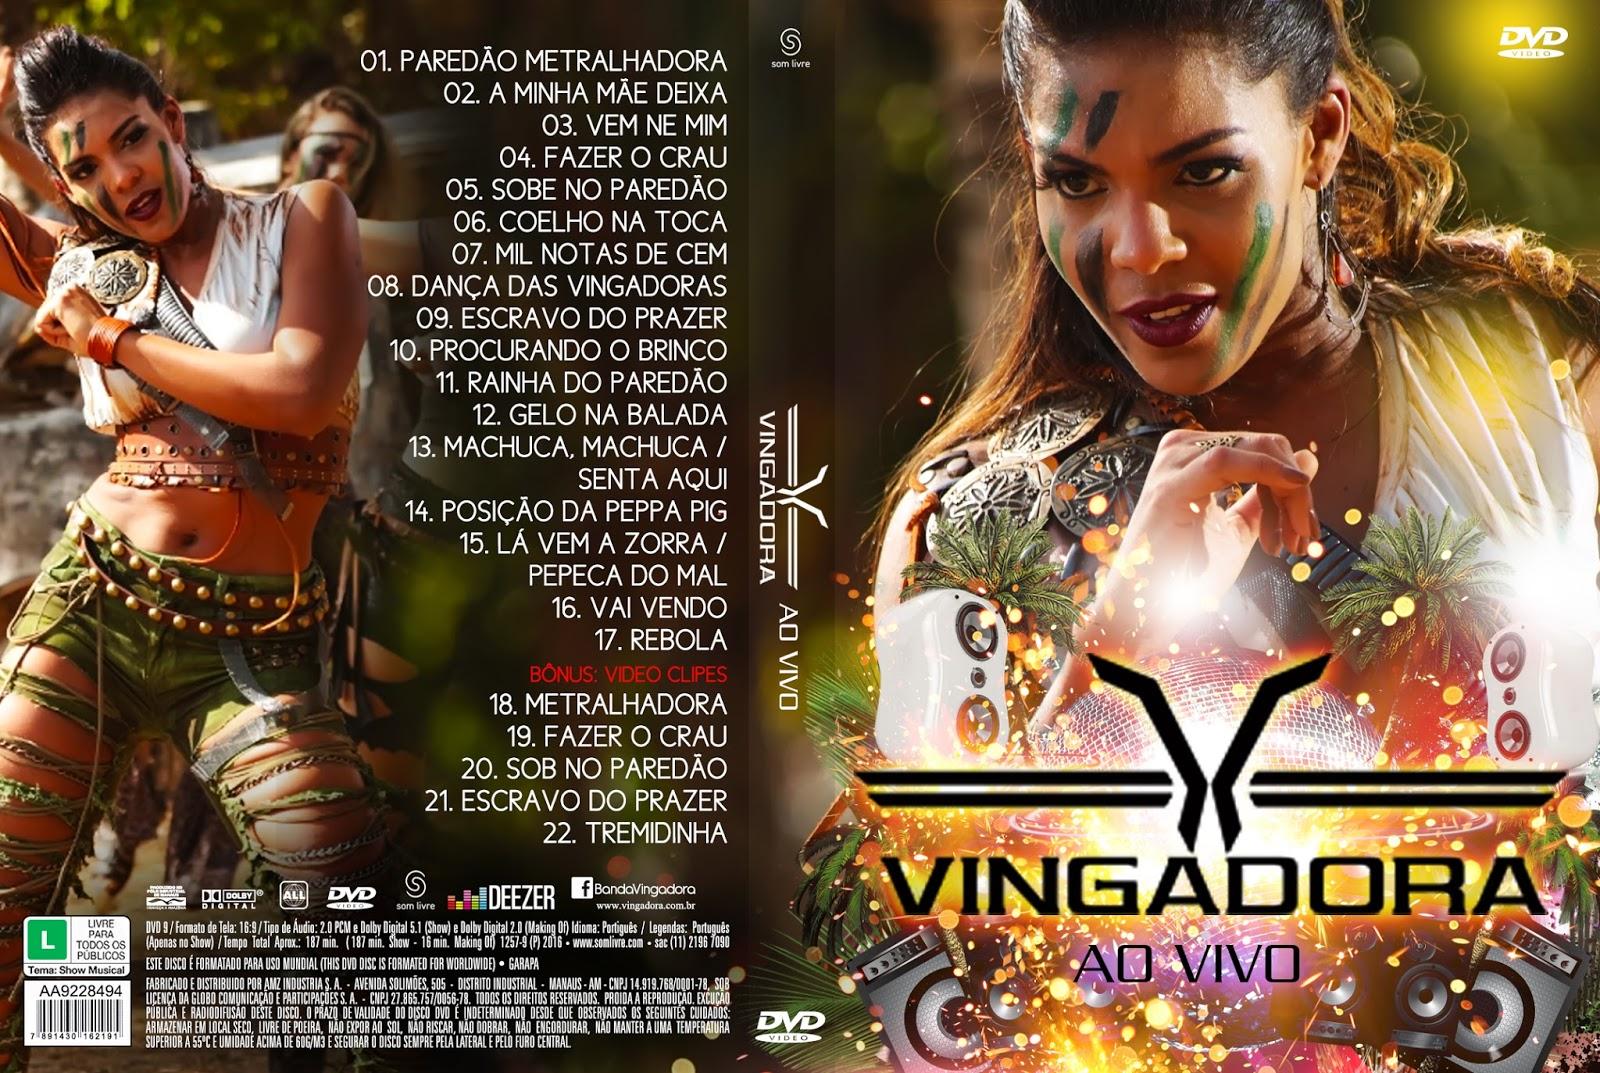 Vingadora Ao Vivo DVDRip XviD 2016 Vingadora 2BAo 2BVivo 2BDVD R 2BXANDAODOWNLOAD